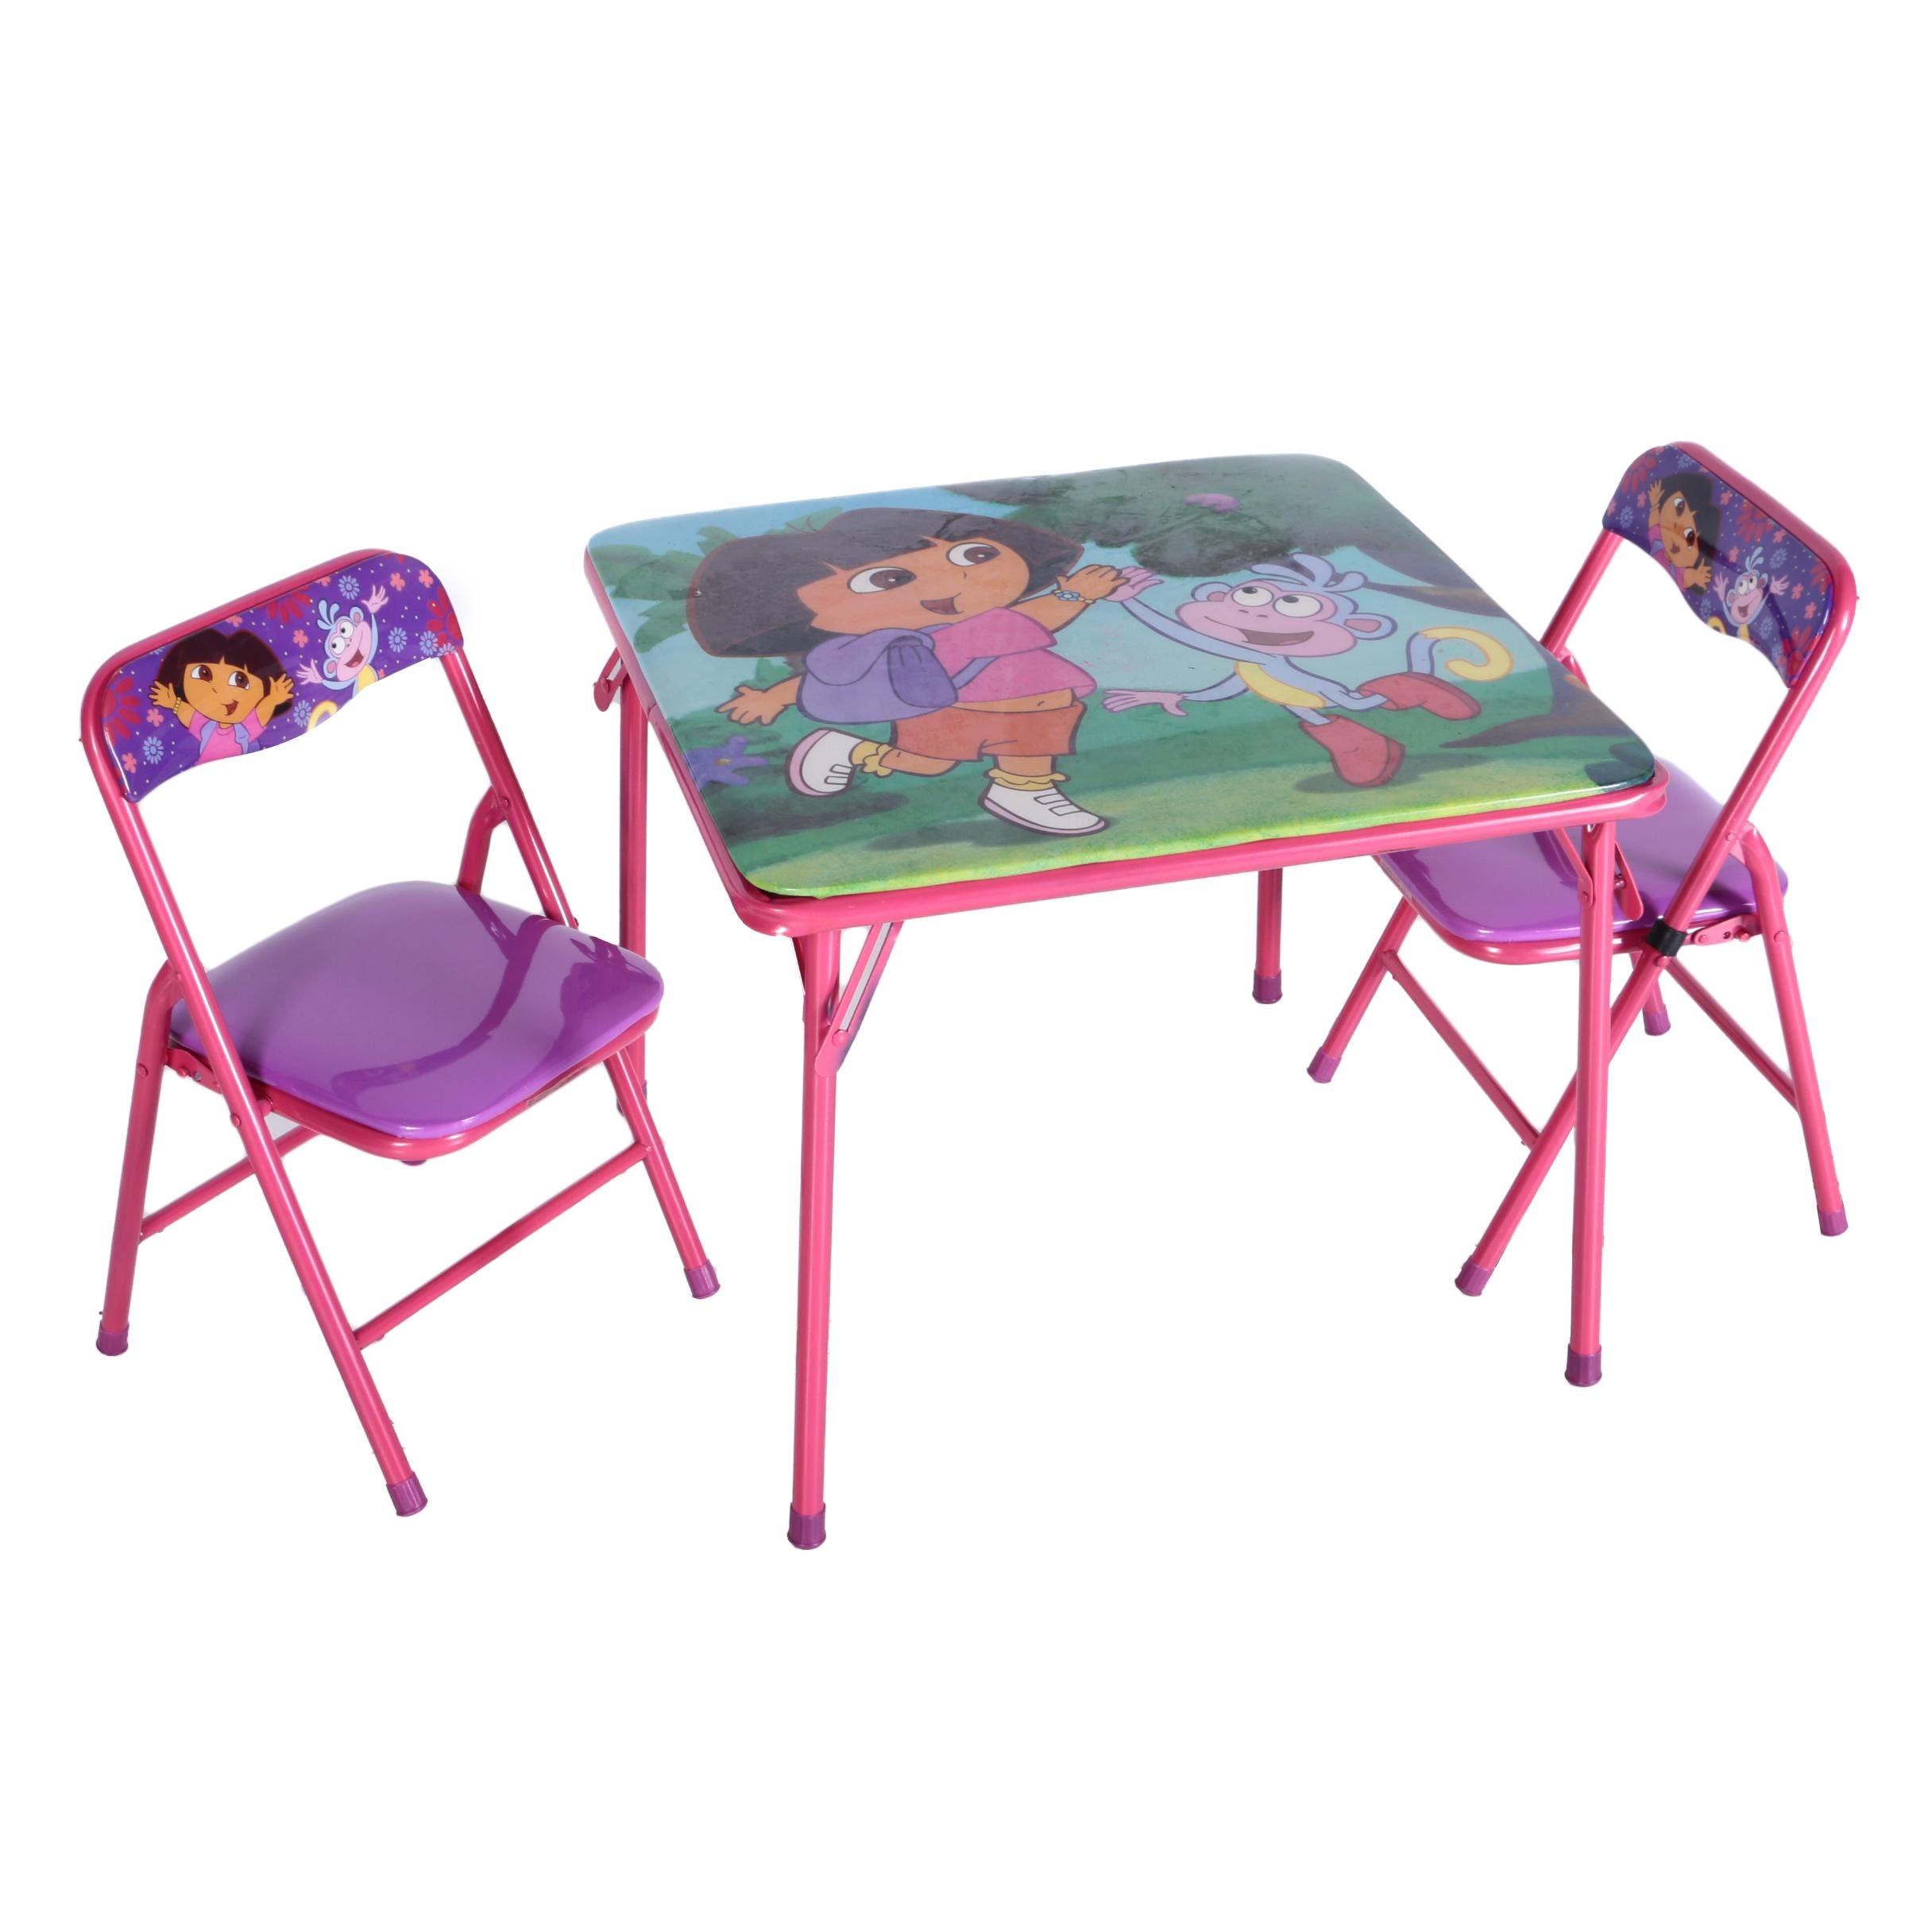 Dora the Explorer  Folding Table Set ...  sc 1 st  EBTH.com & Dora the Explorer